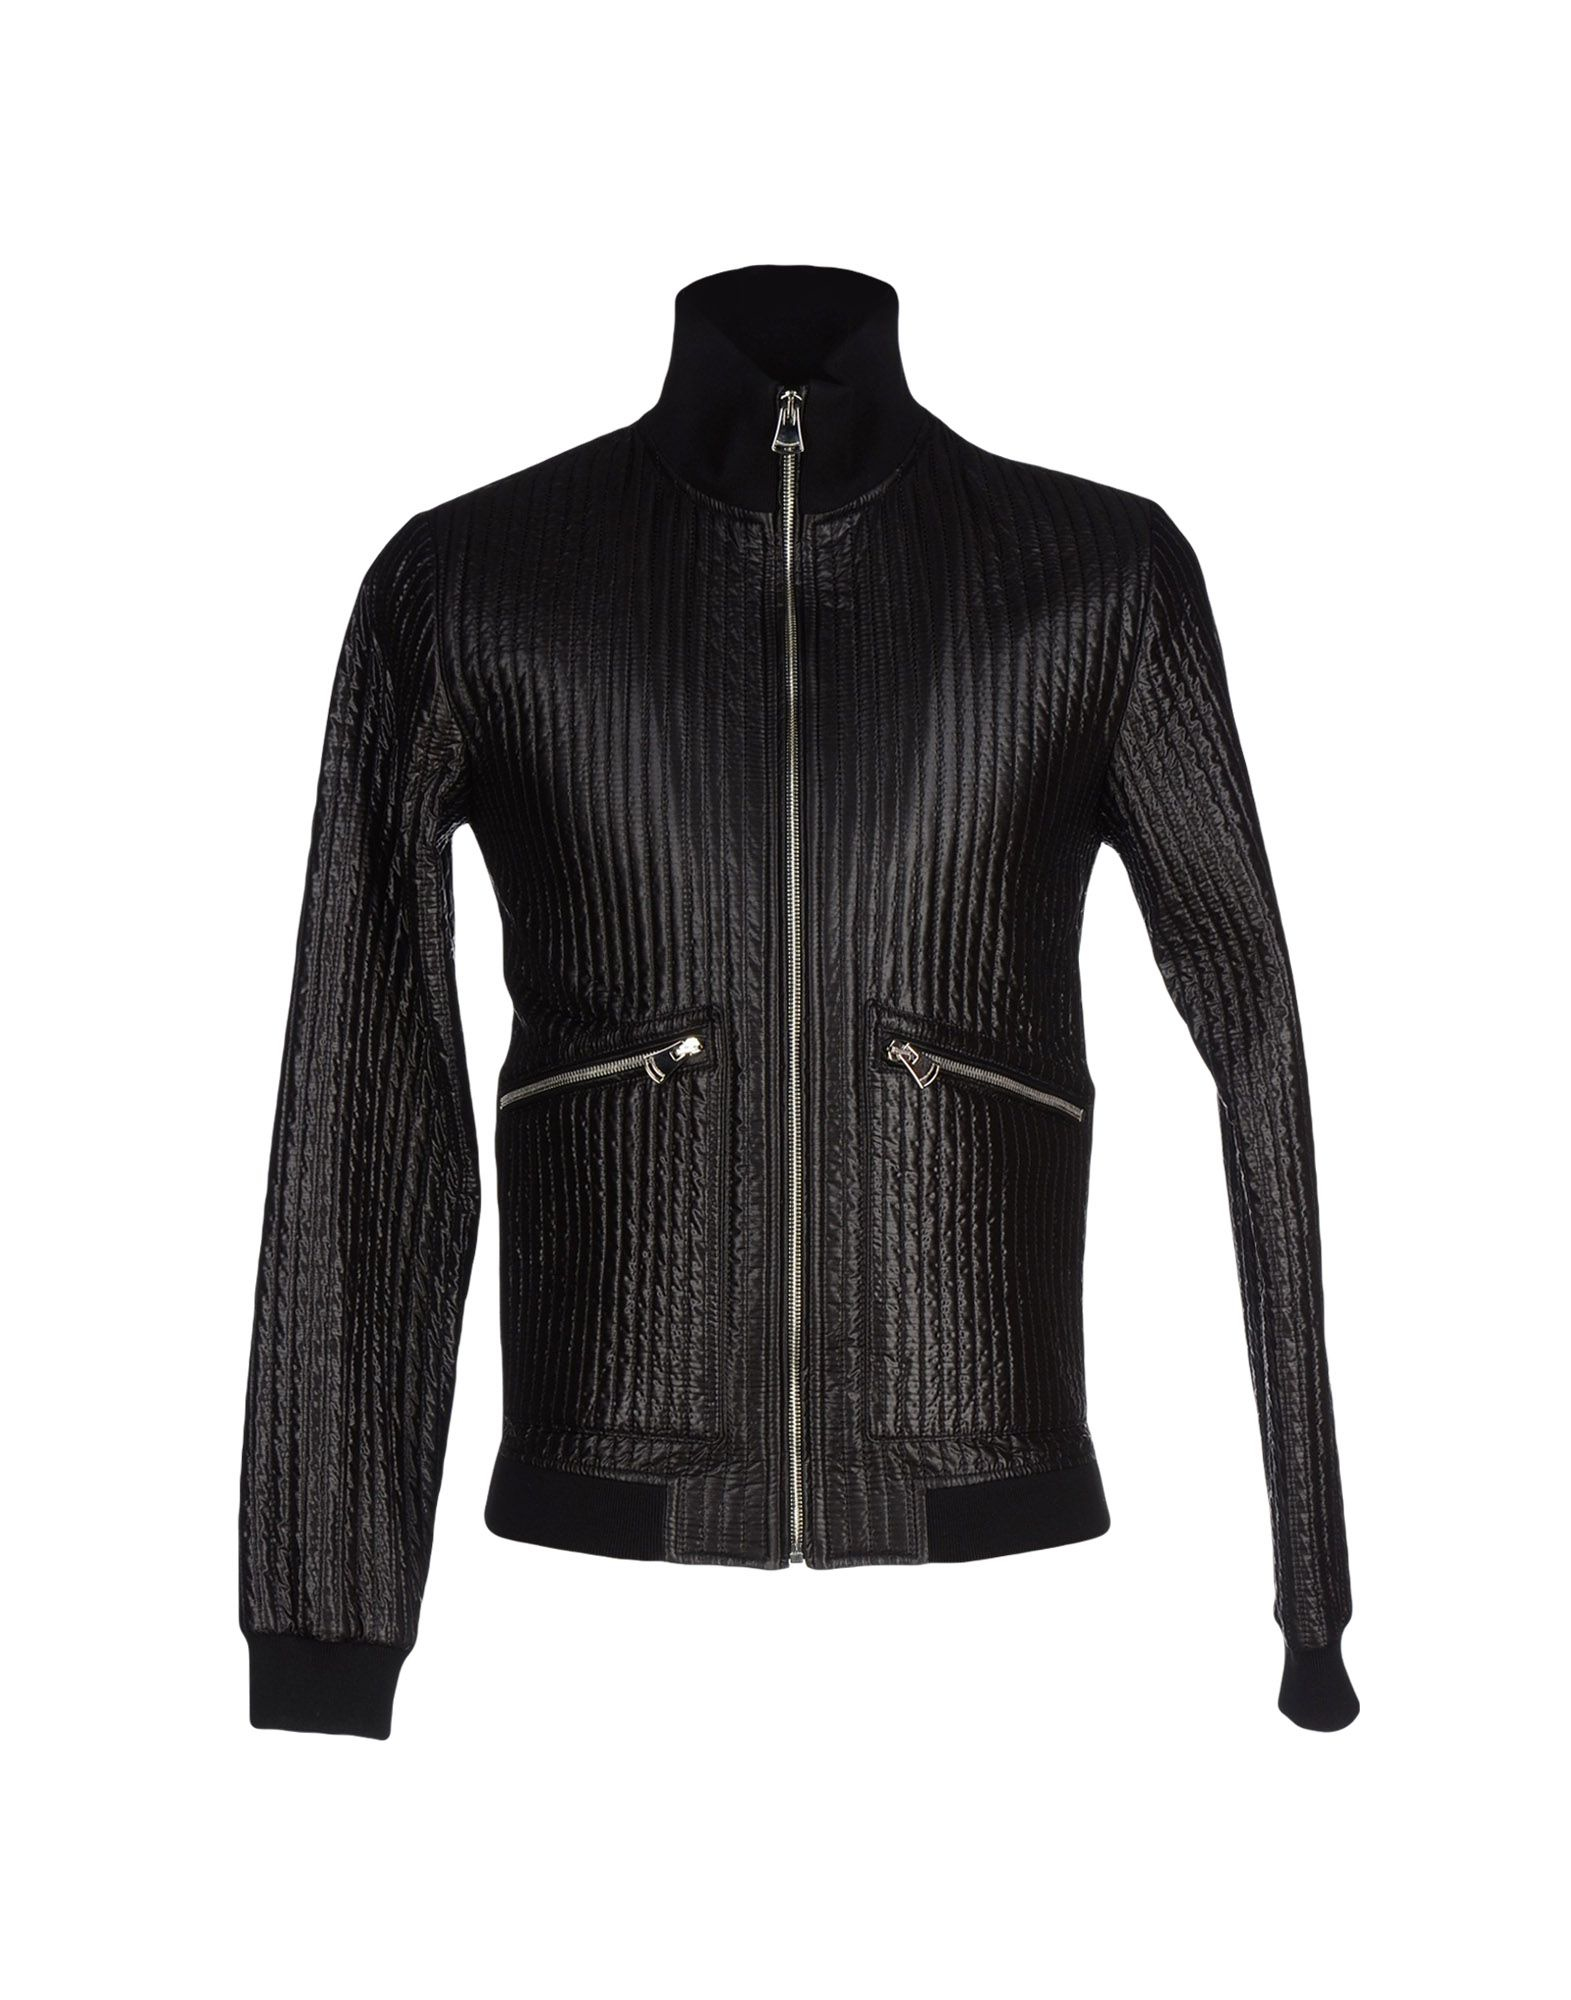 lyst dolce gabbana jacket in black for men. Black Bedroom Furniture Sets. Home Design Ideas